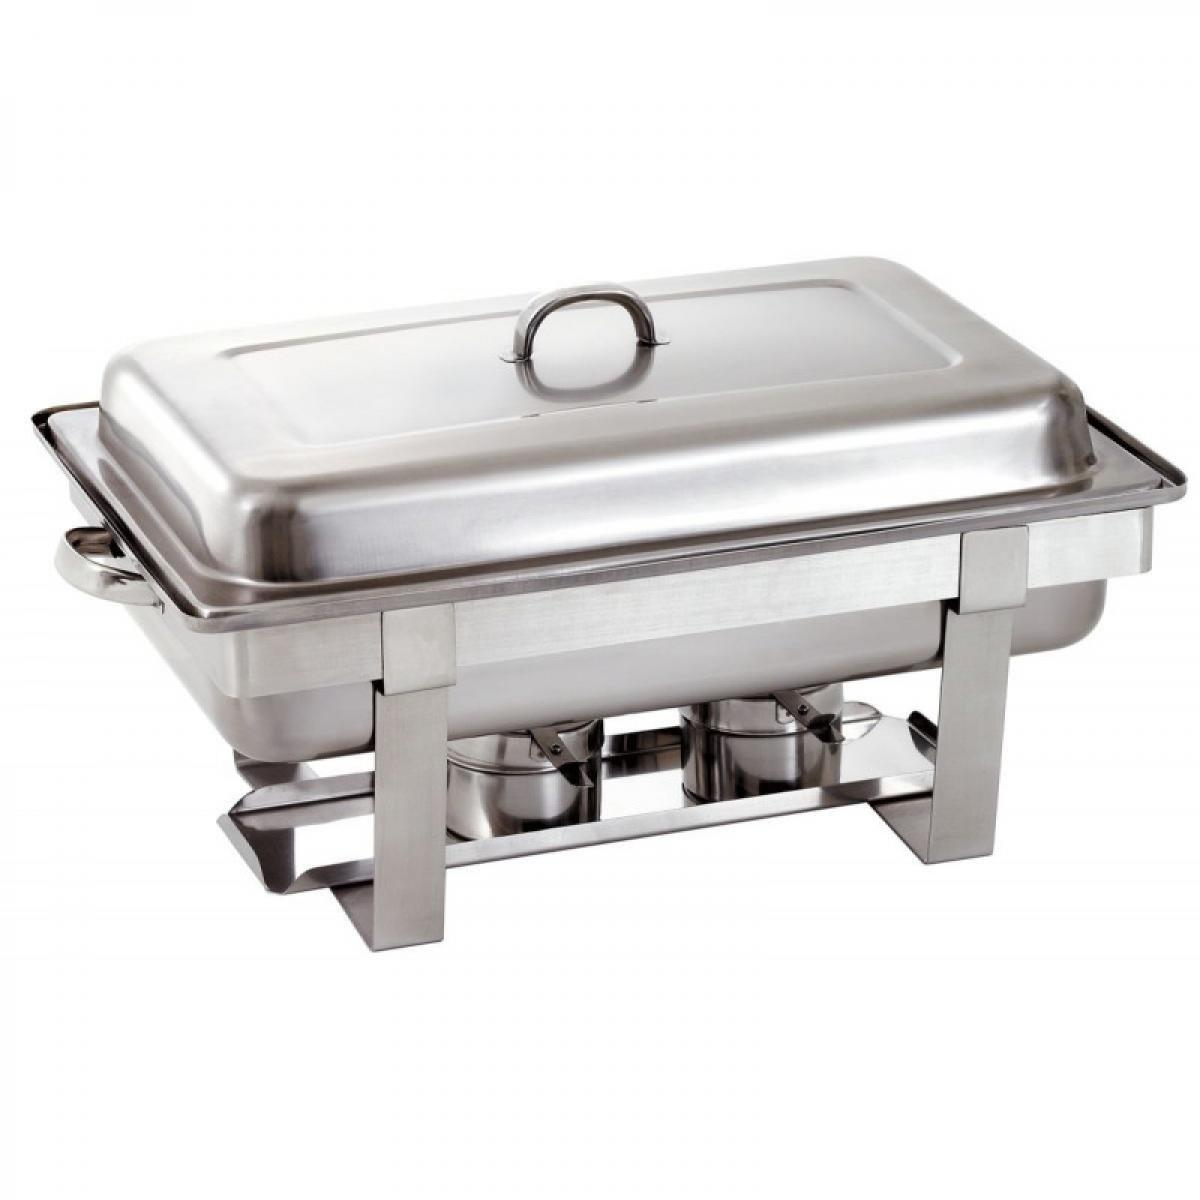 Bartscher Chafing Dish GN 1/1 Plaque Chauffante Electrique - Bartscher -